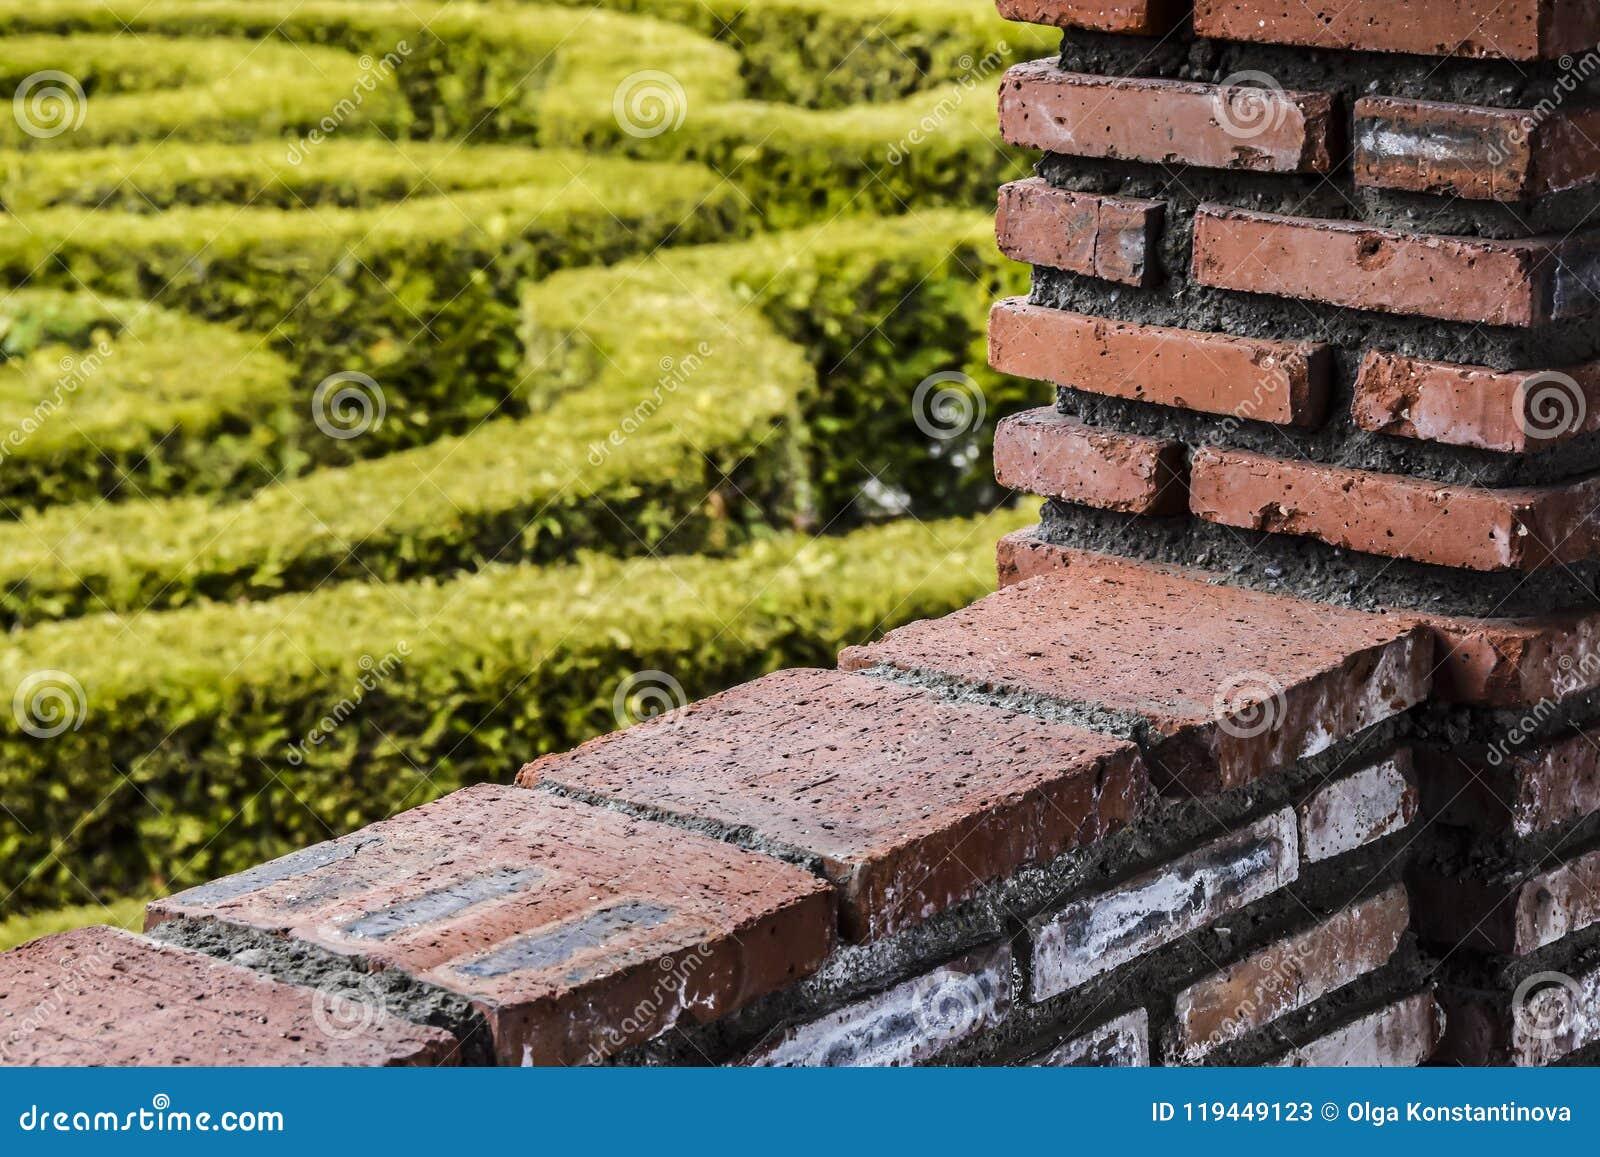 Le mur de briques rouge et l abstraction verte de fond de jardin contrastent